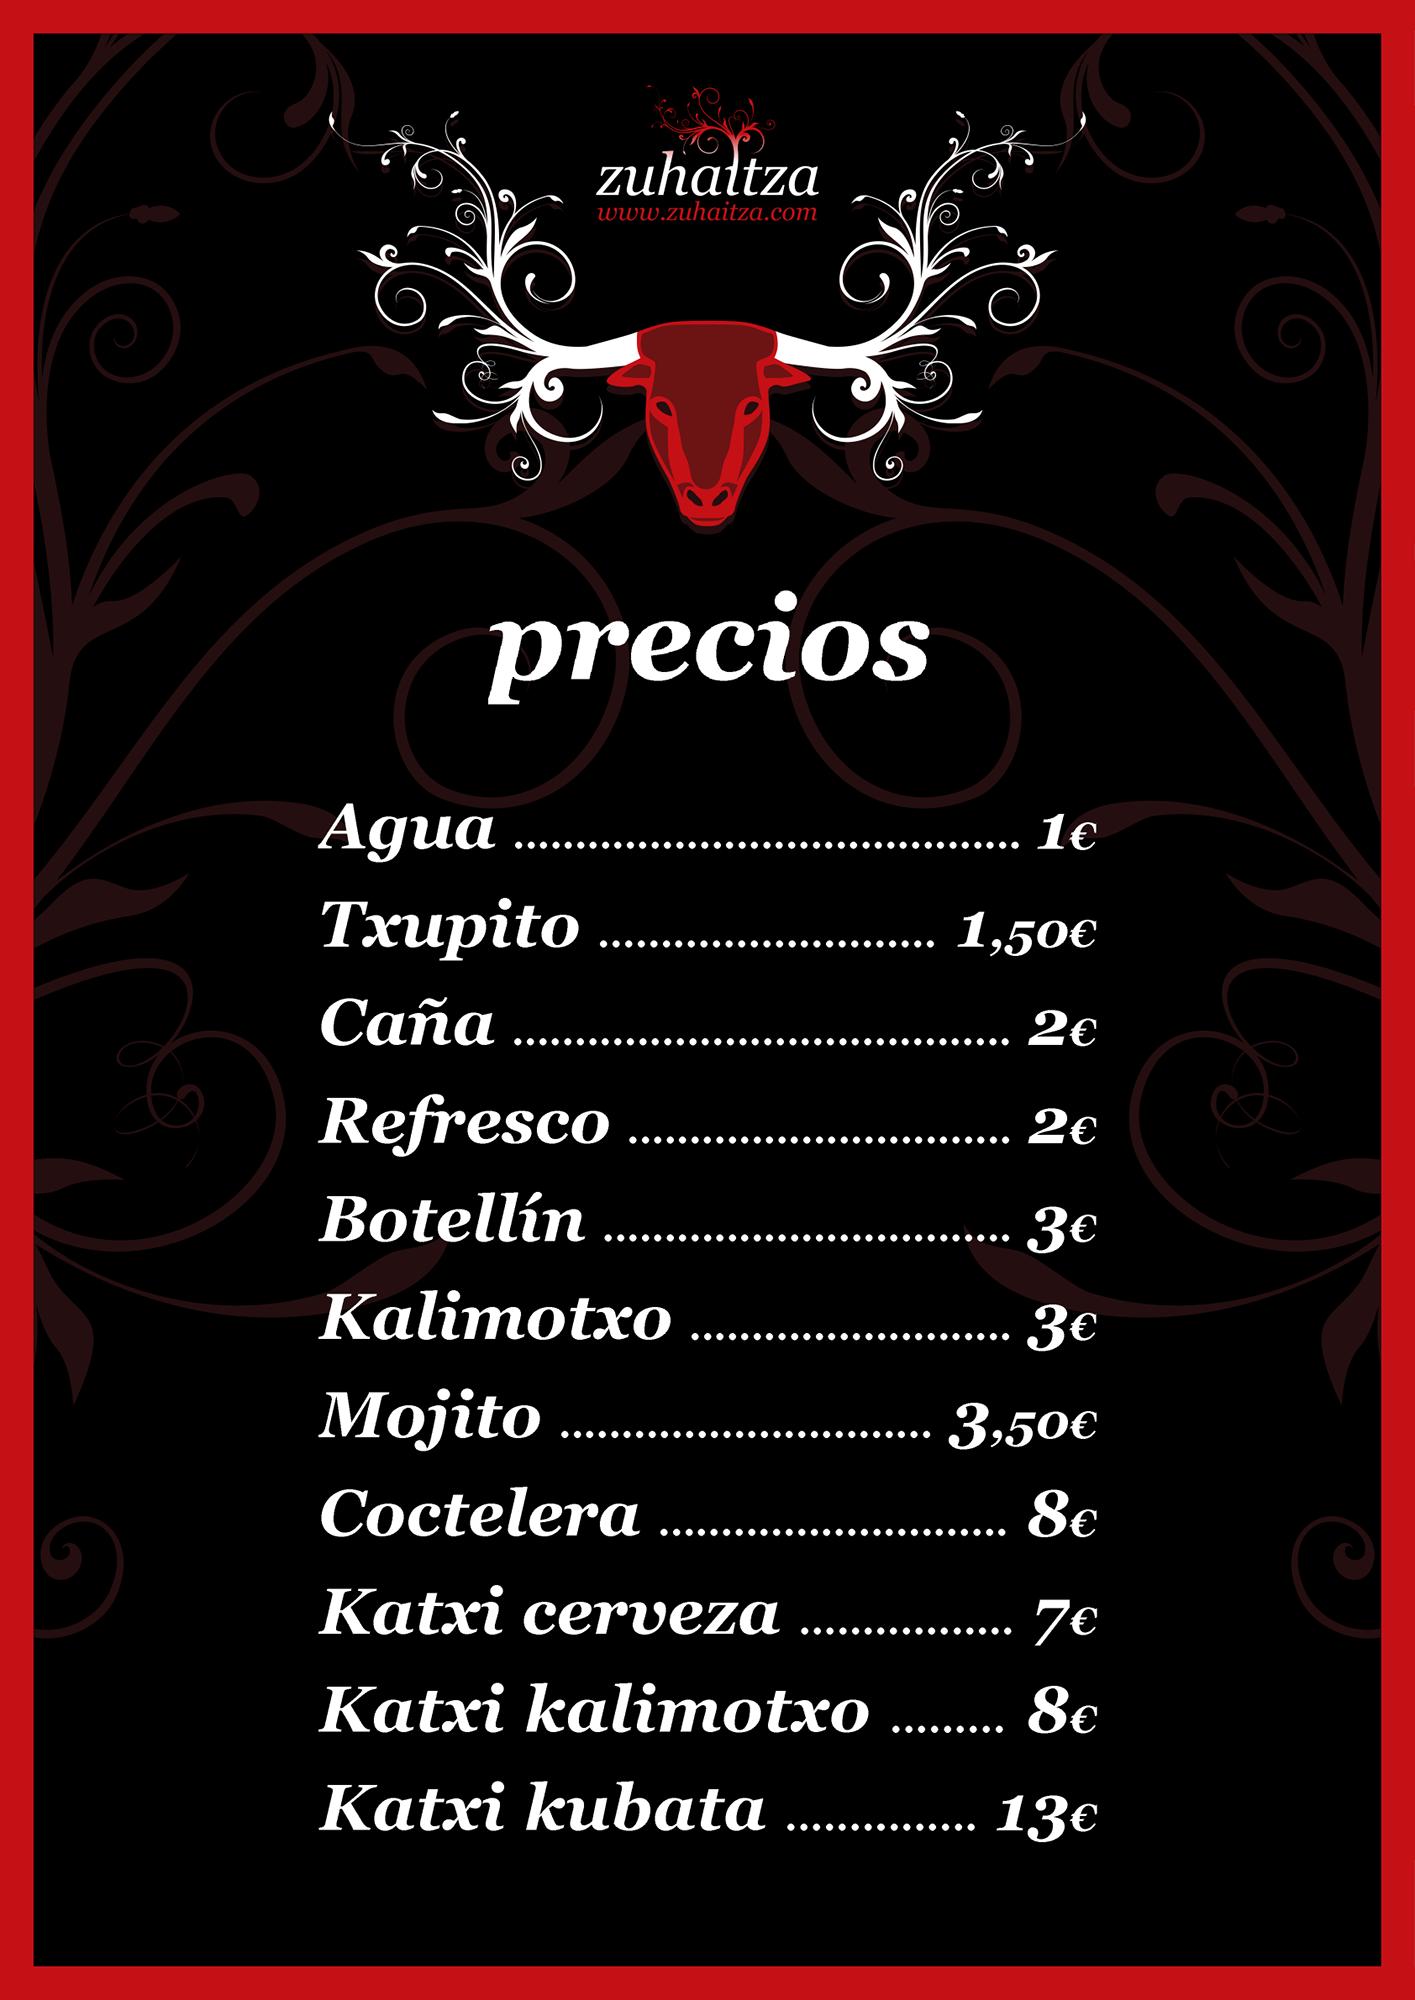 Carteles promocionales de San Fermín para el bar Zuhaitza